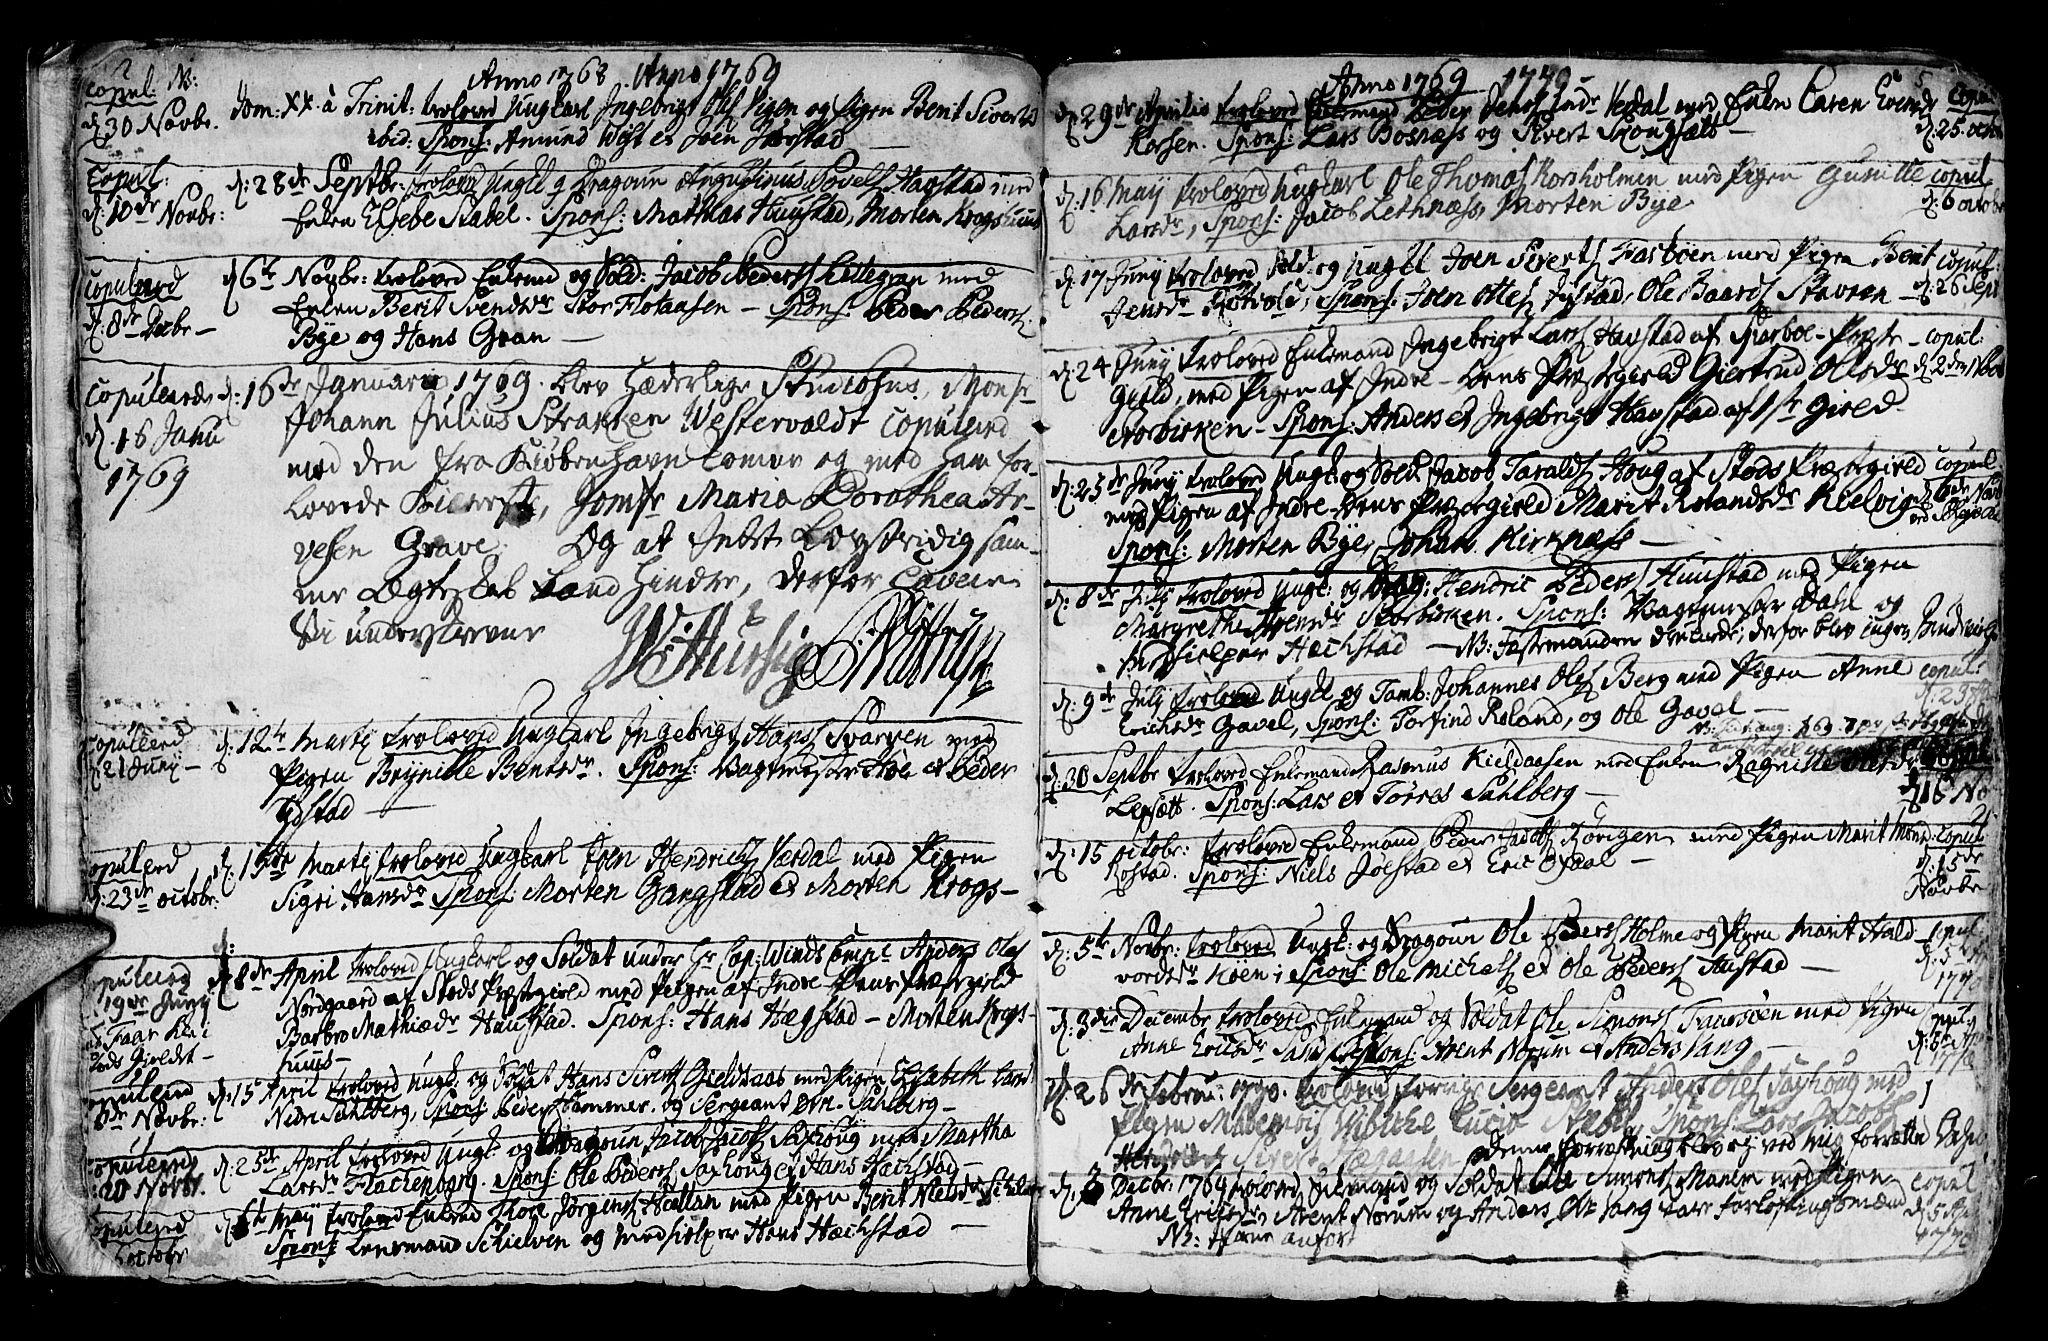 SAT, Ministerialprotokoller, klokkerbøker og fødselsregistre - Nord-Trøndelag, 730/L0273: Ministerialbok nr. 730A02, 1762-1802, s. 5